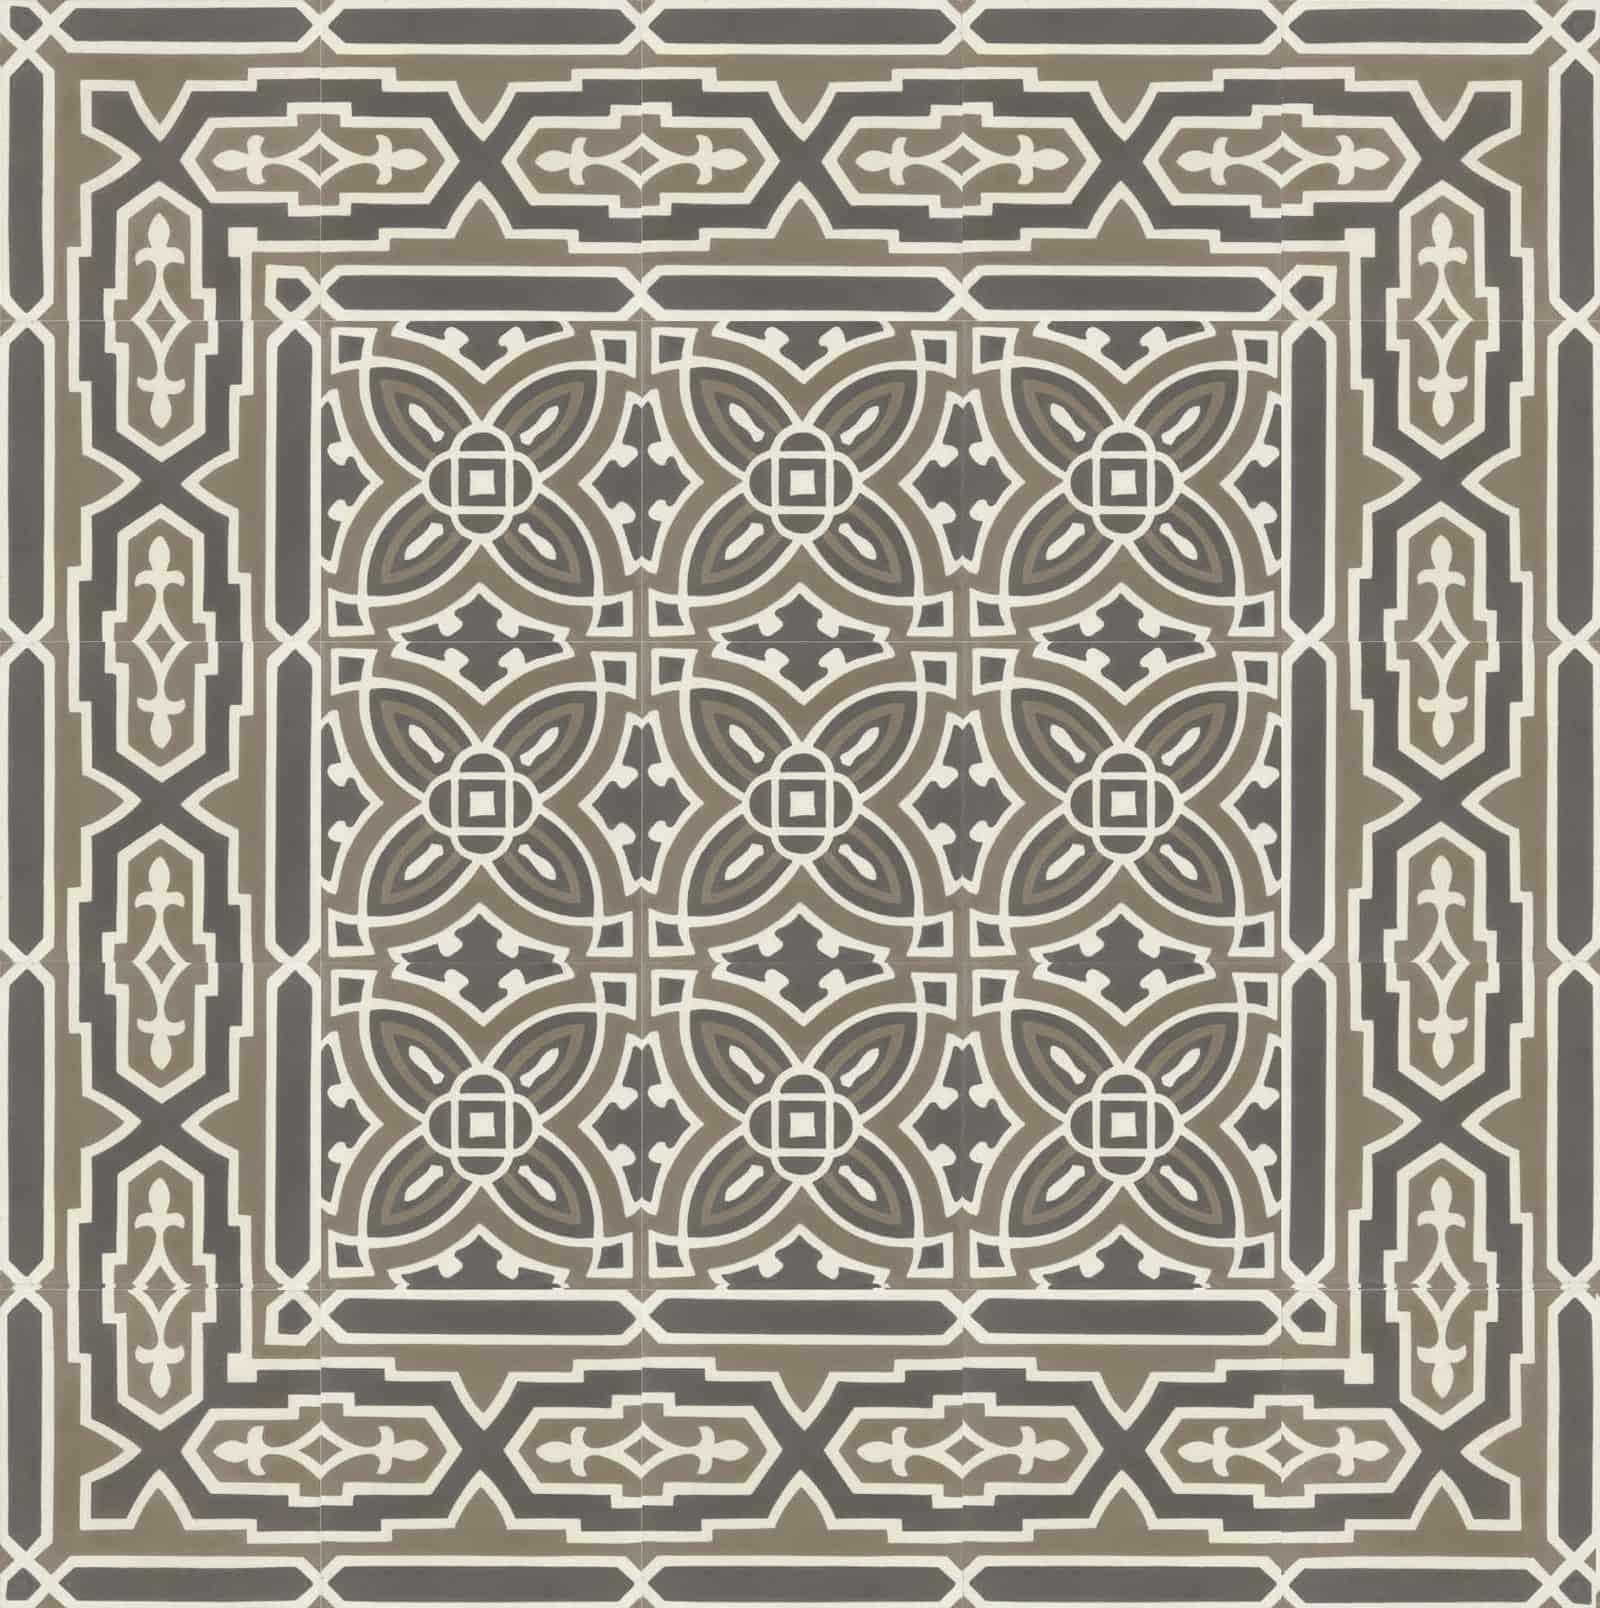 zementfliesen-terrazzofliesen-kreidefarbe-terrazzo-fugenlos-viaplatten-51184_143-verlegemuster | N° 51184/143